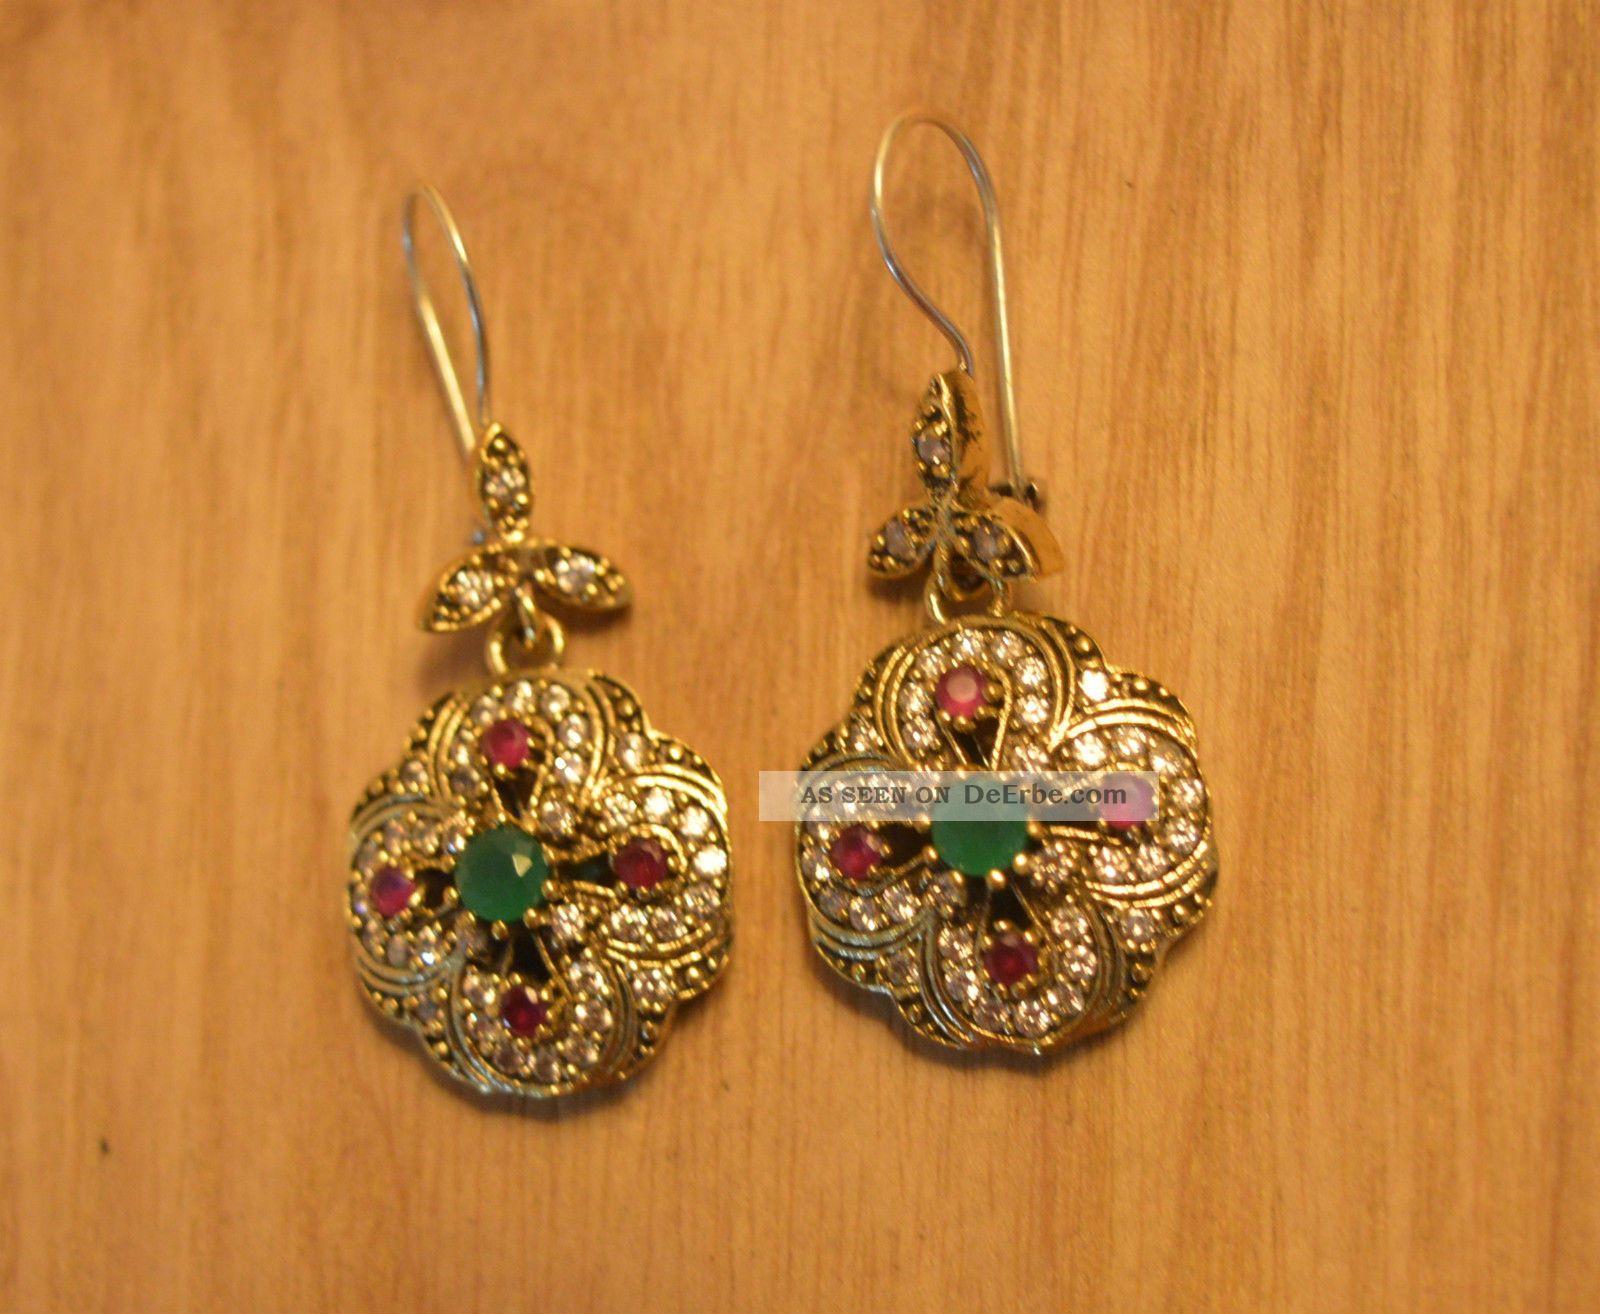 Antik Ohrstecker Ohrringe Silber Handarbeit 925 Mit Gold Earrings Orecchin Schmuck nach Epochen Bild